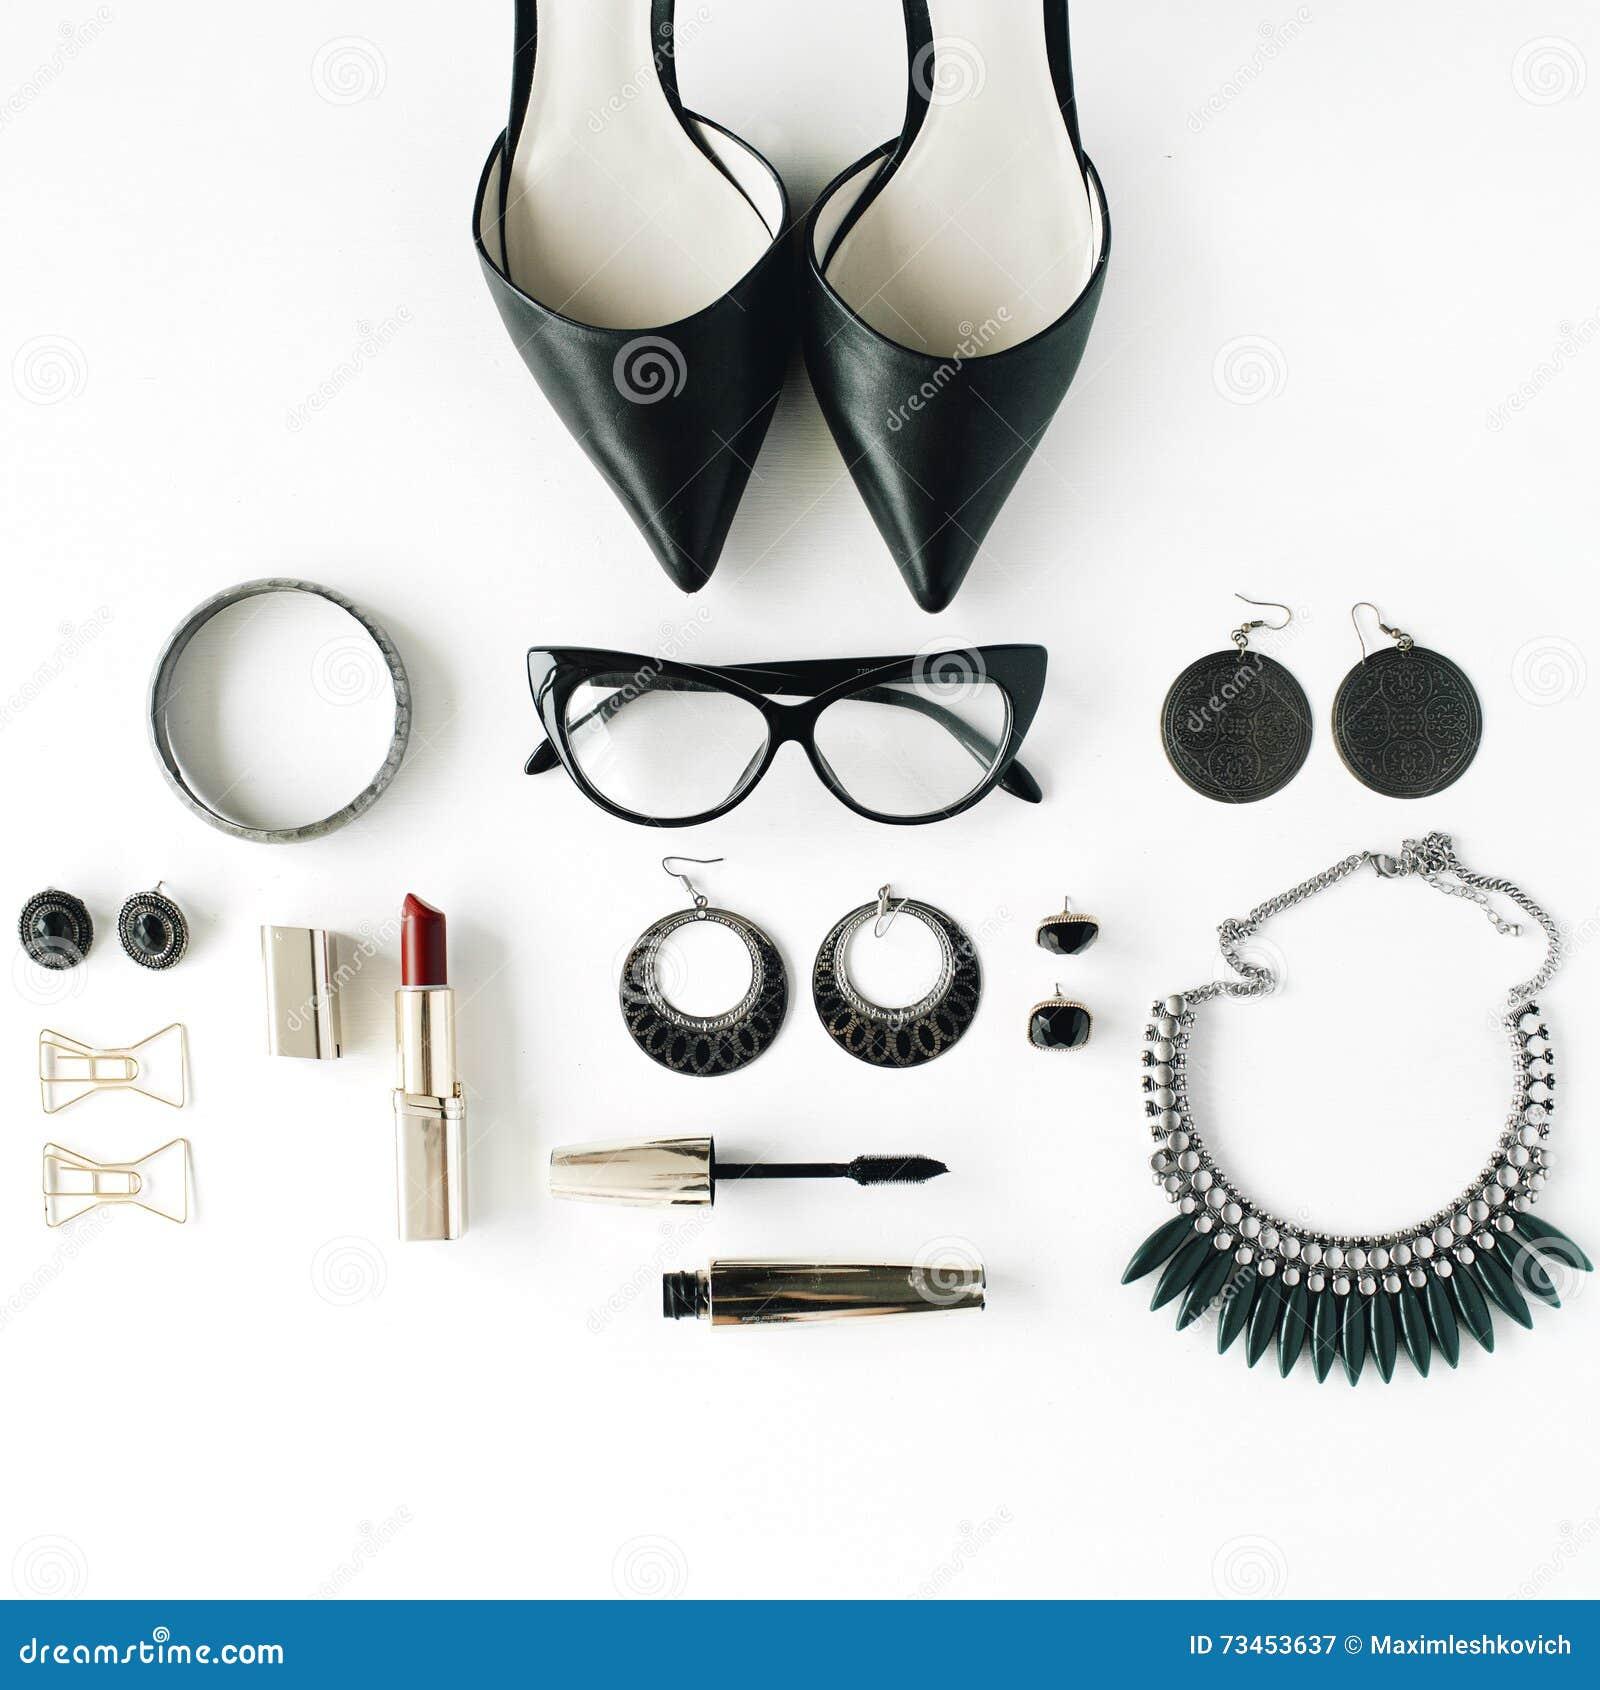 Weibliche Zubehörcollage der flachen Lage mit Gläsern, Schuhen des hohen Absatzes, Wimperntusche, Lippenstift, Armband, Ohrringen